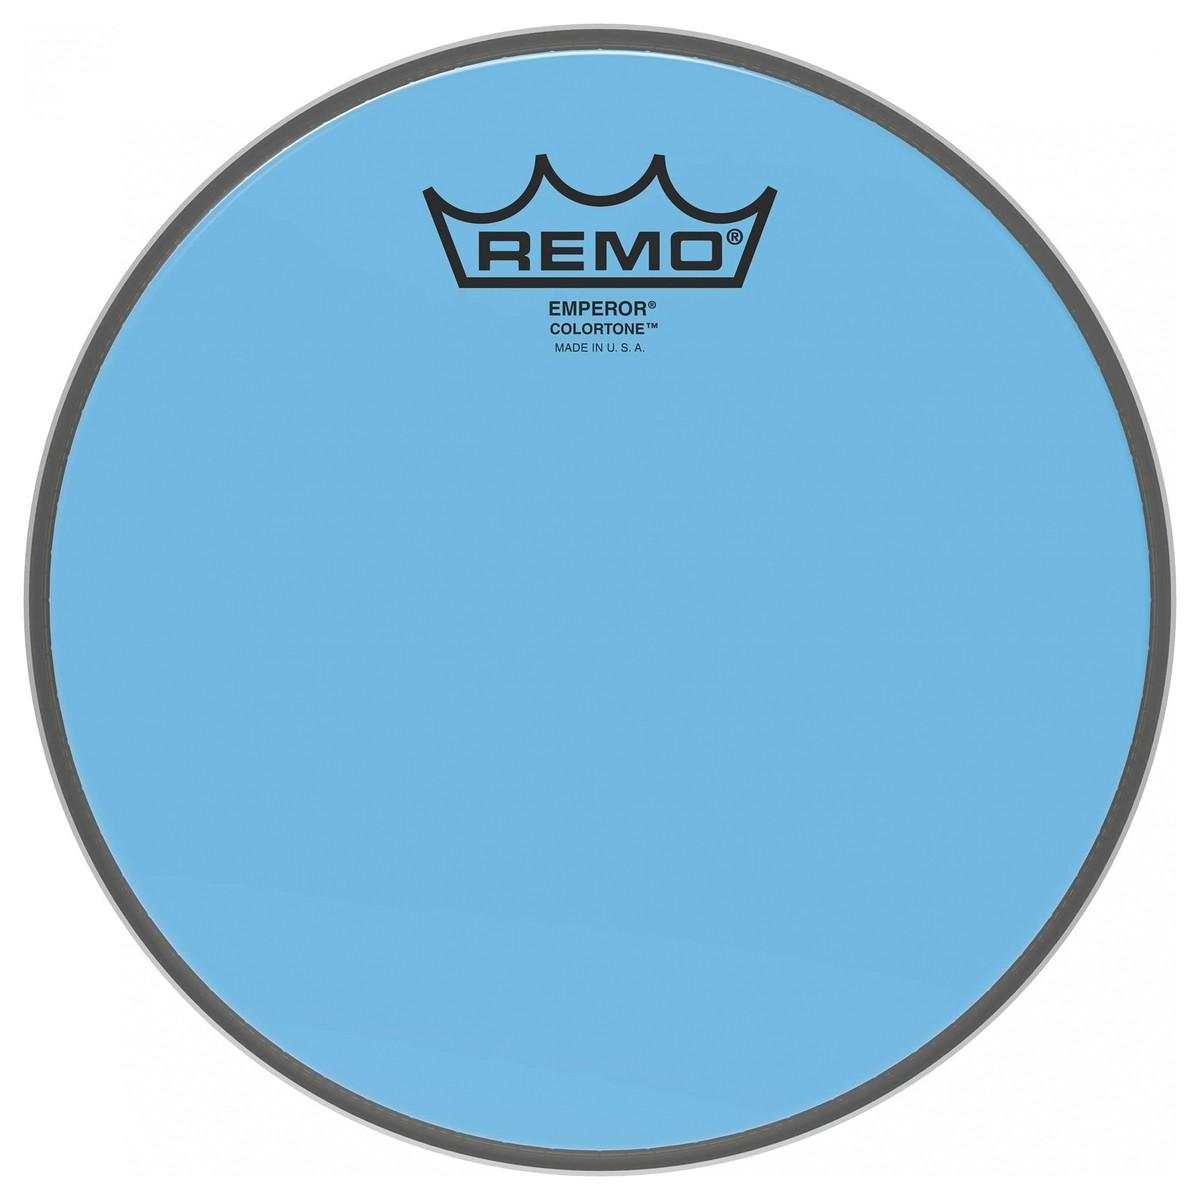 Remo Emperor Colortone 18 Blue Drum Head